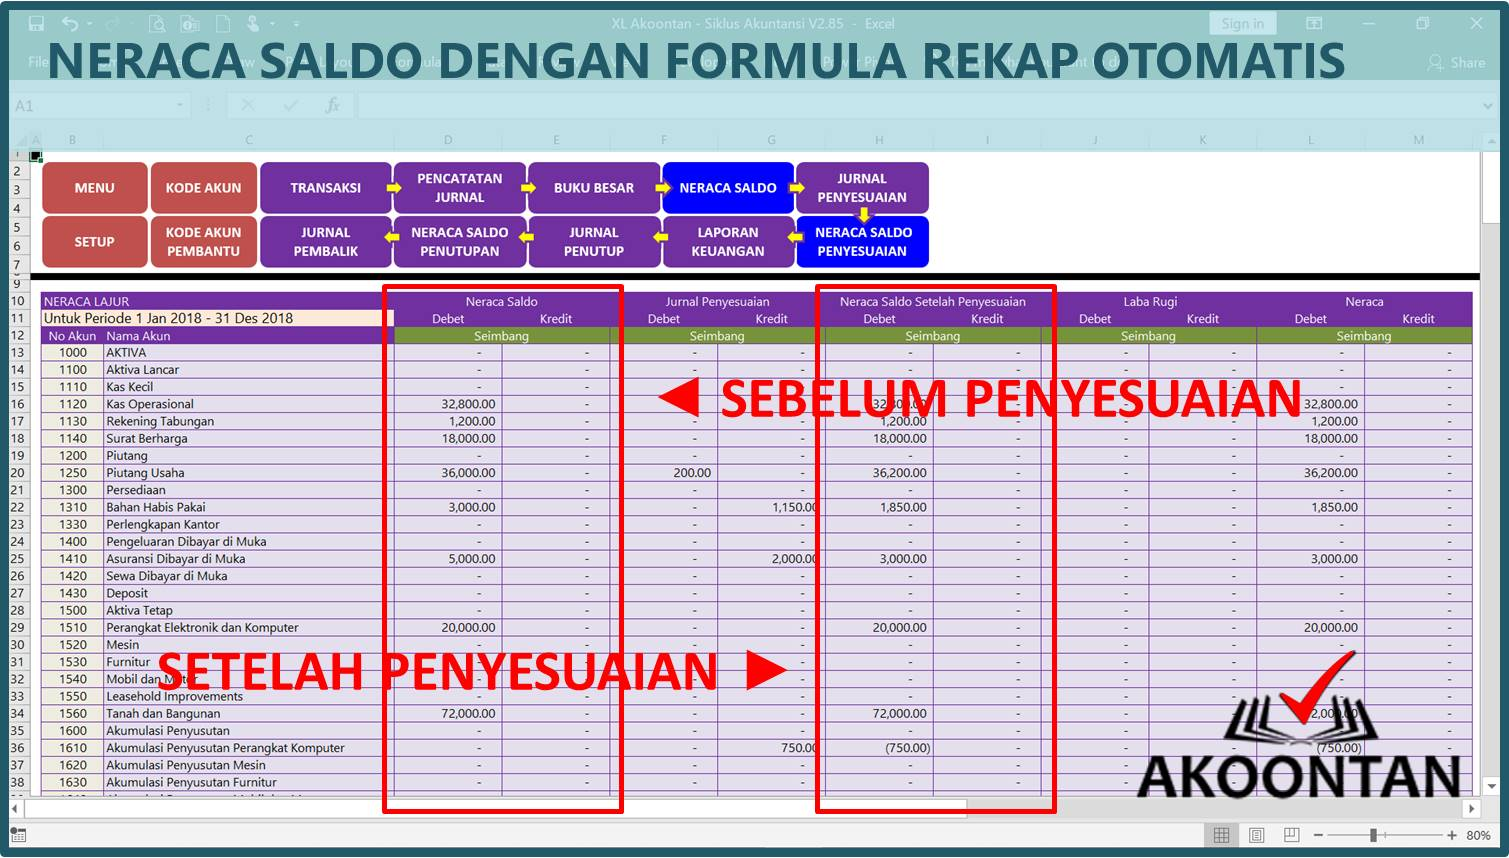 Akuntansi-ID - Excel Siklus Akuntansi - Neraca Saldo